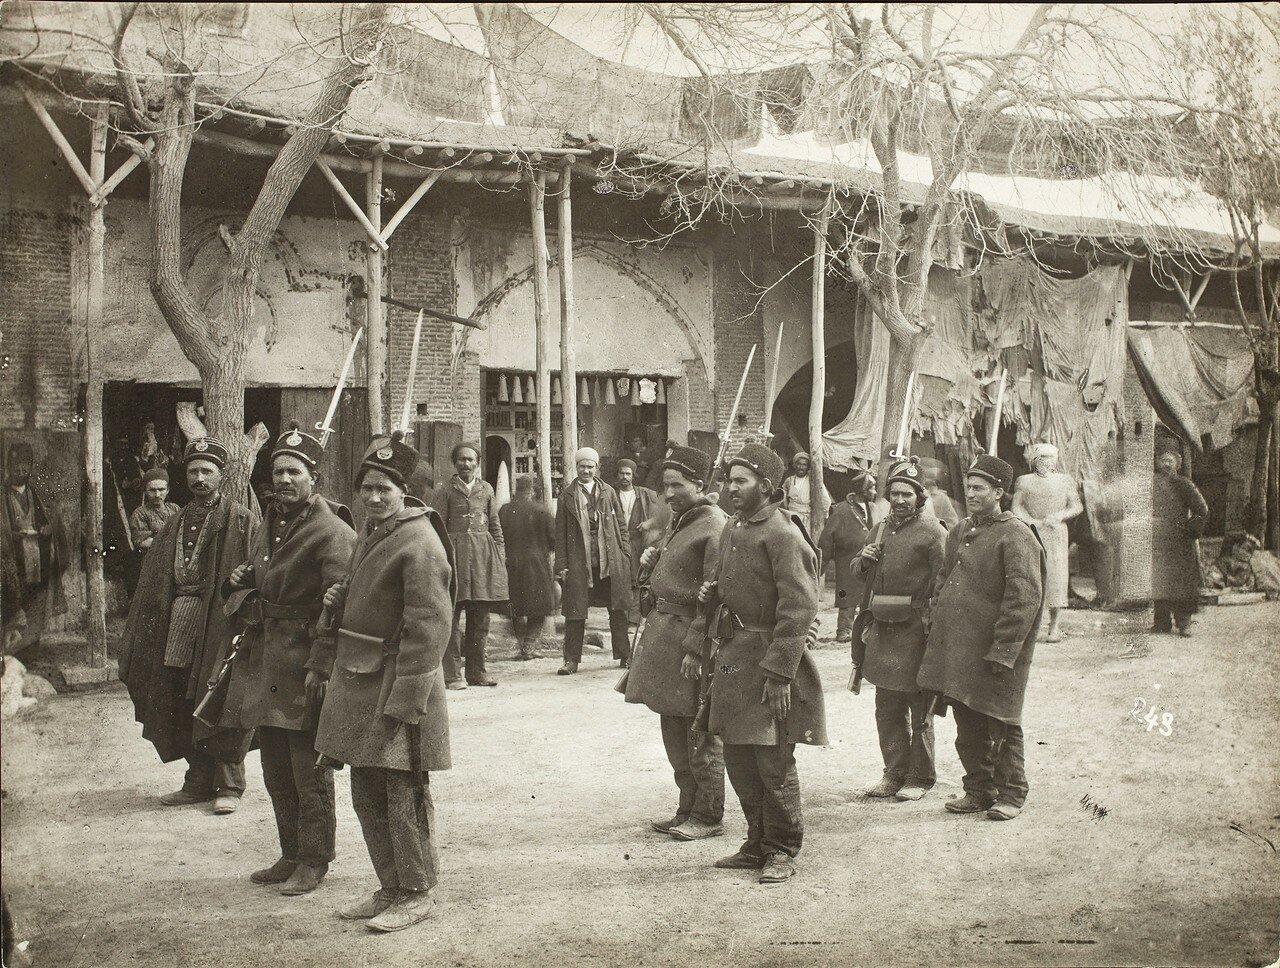 Семь вооруженных солдат в окружении зевак